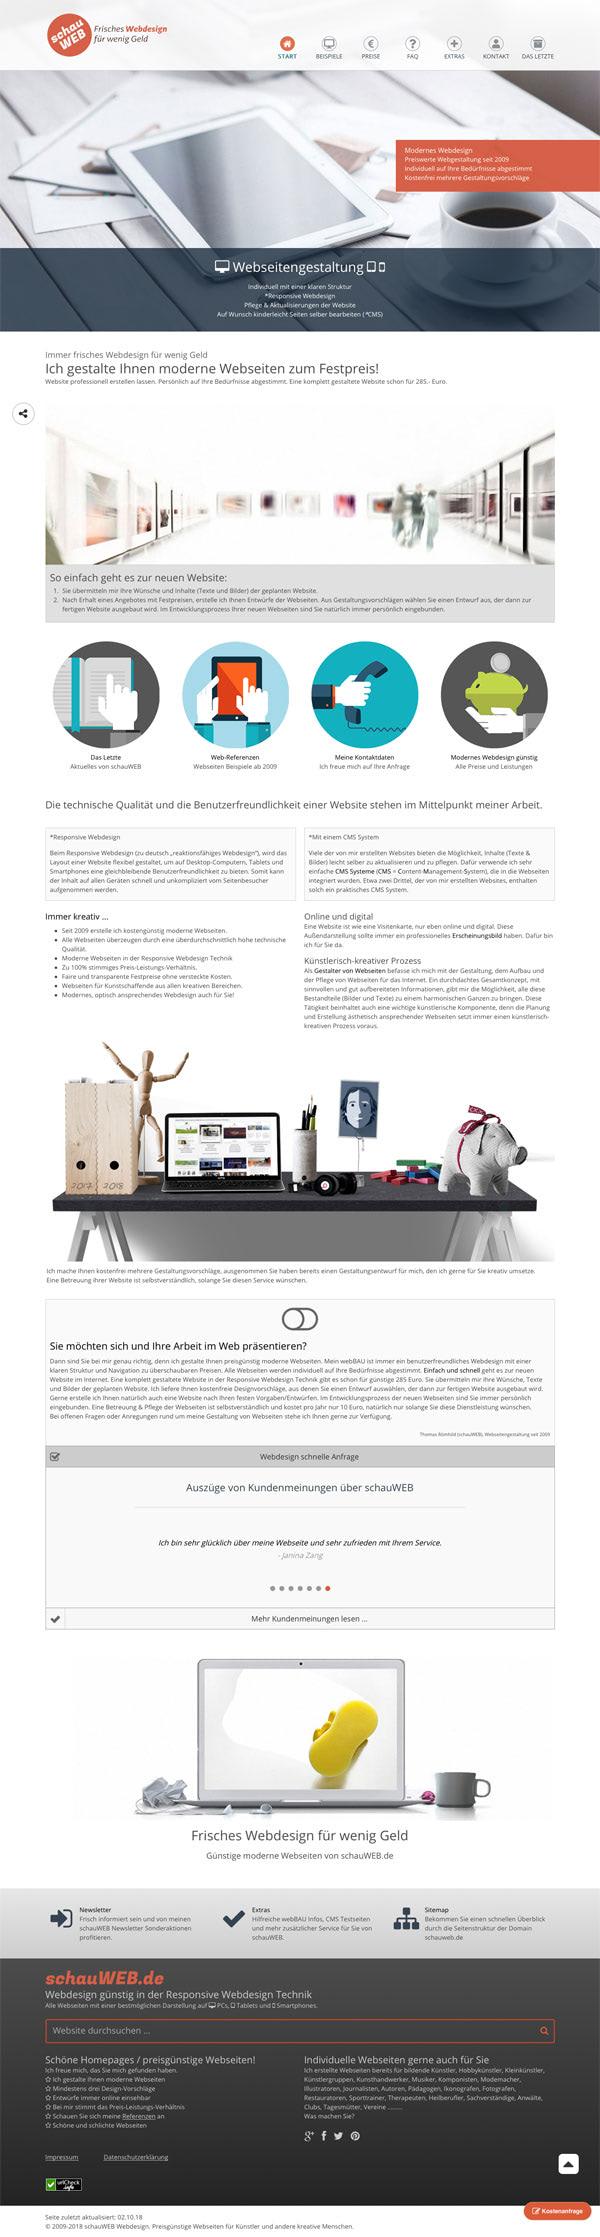 schauWEB Startseite 2018 - 2019